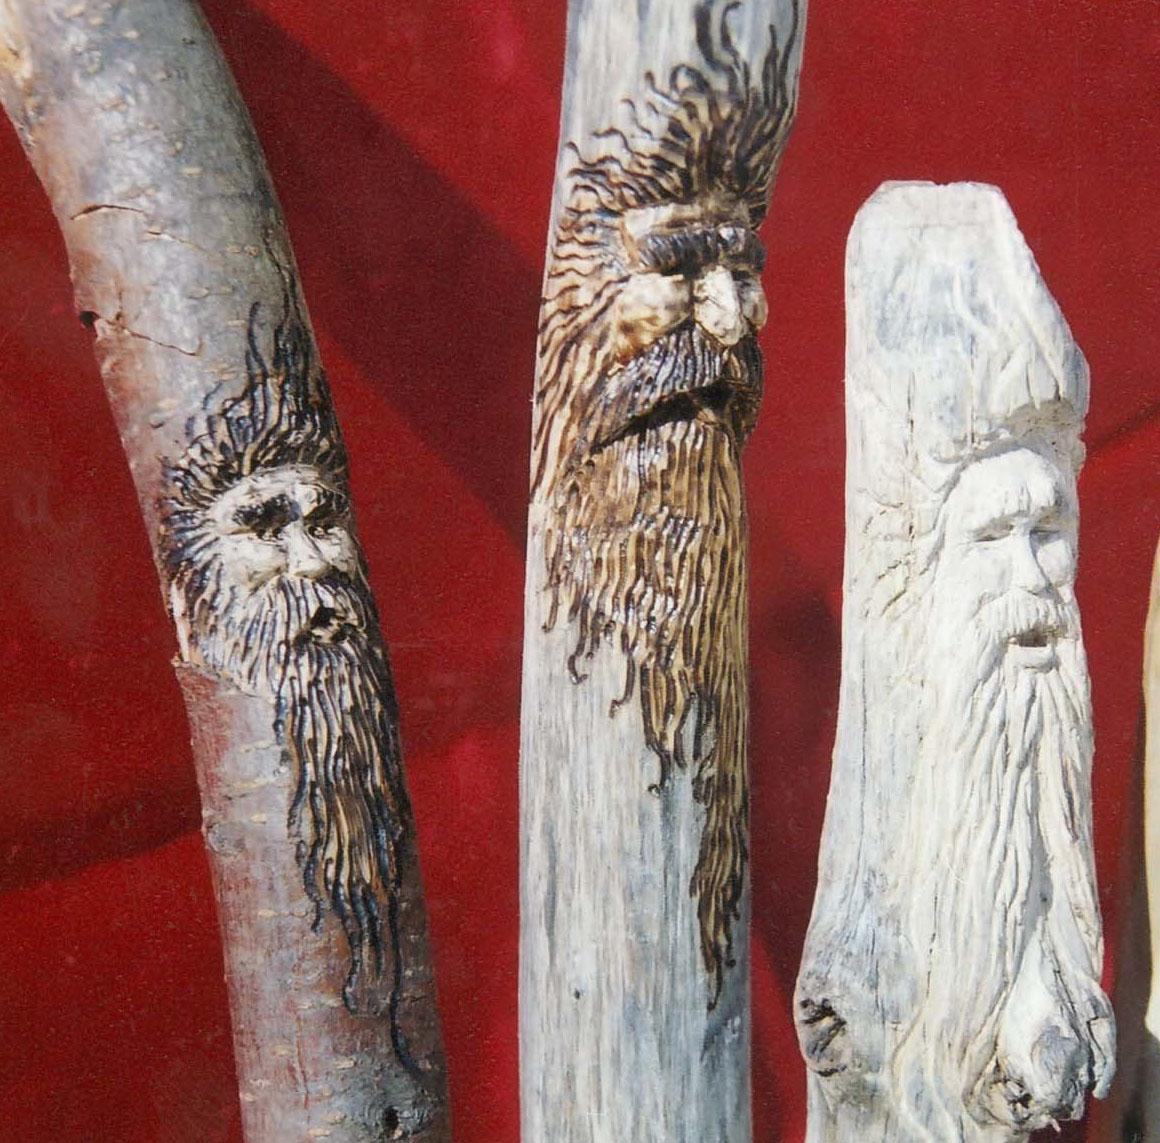 Wood spirit walking sticks by Dan Roesinger of Stark Raven Studios